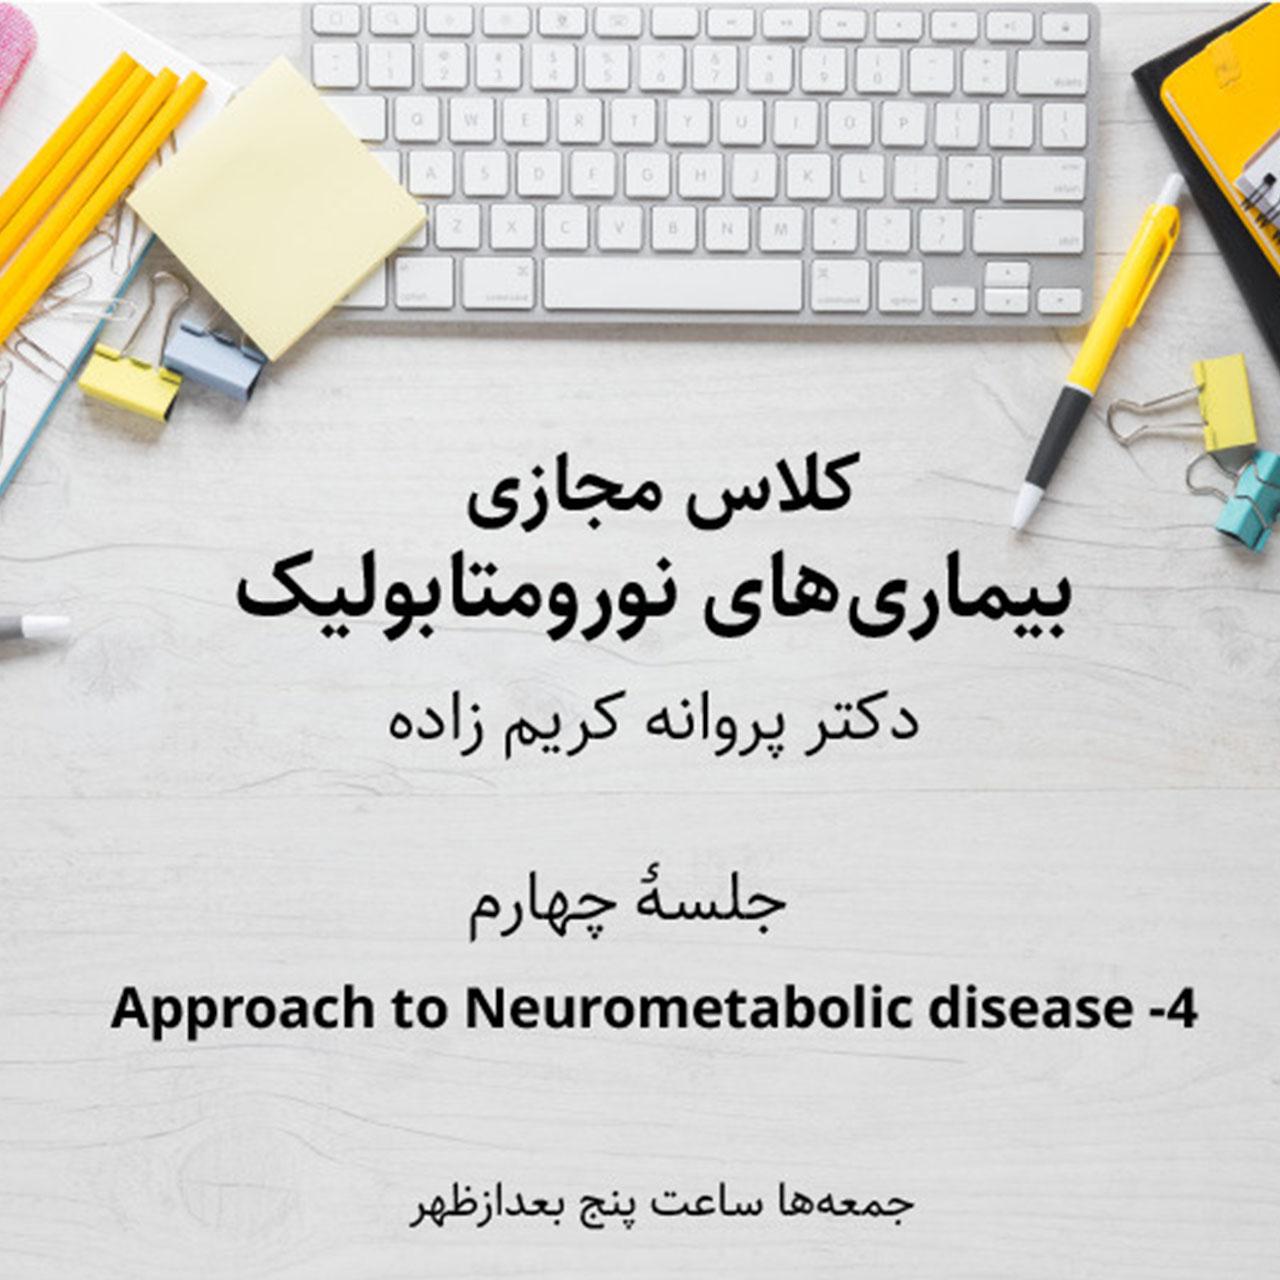 بیماریهای نورومتابولیک - جلسه چهارم